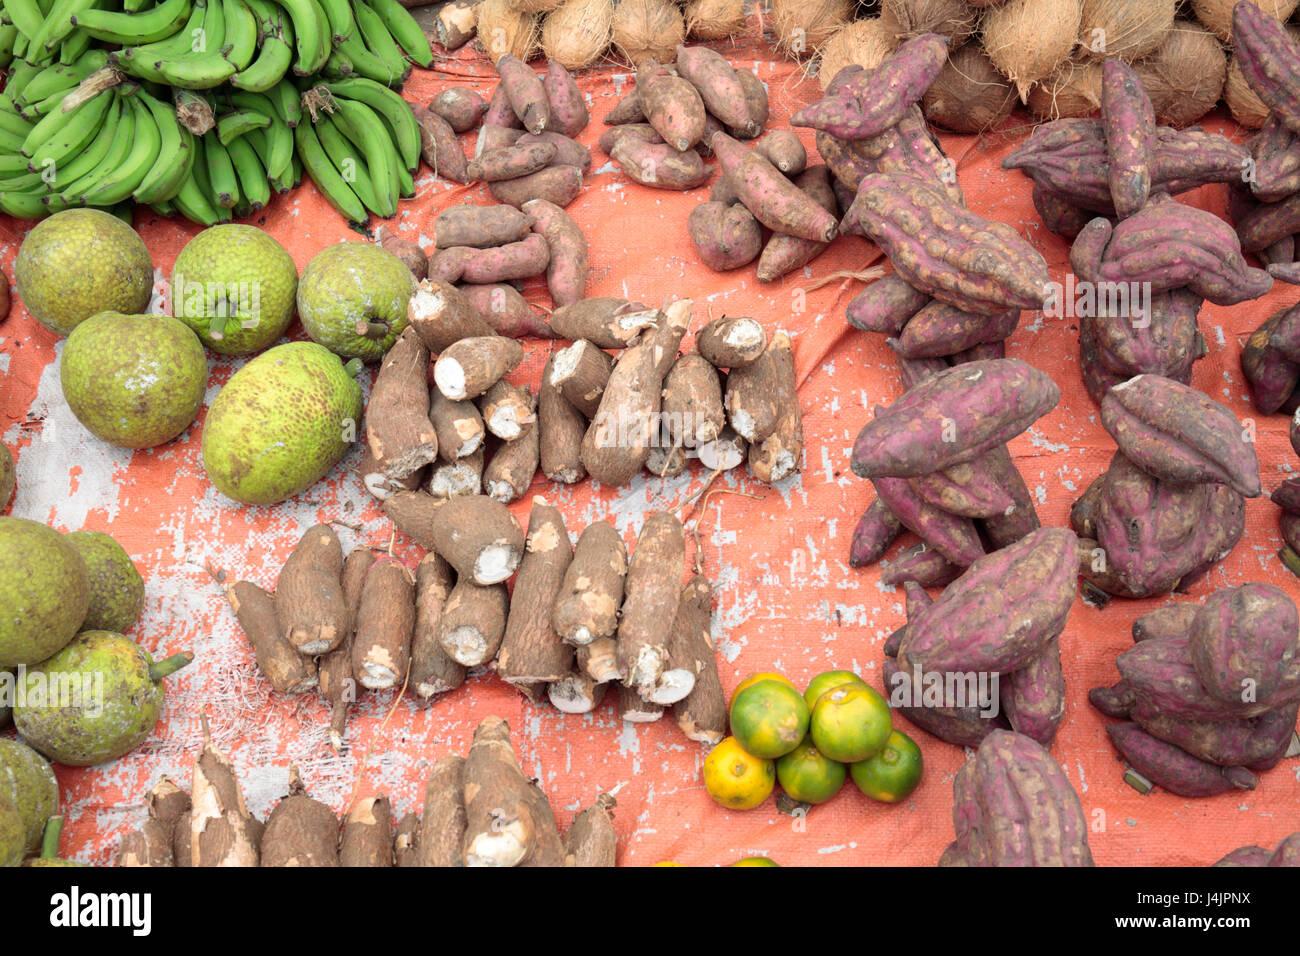 Taro (Colocasia Esculenta), Brotfrucht (Artocarpus Altilis) und süsse Kartoffel zum Verkauf im Markt, Stone Stockbild